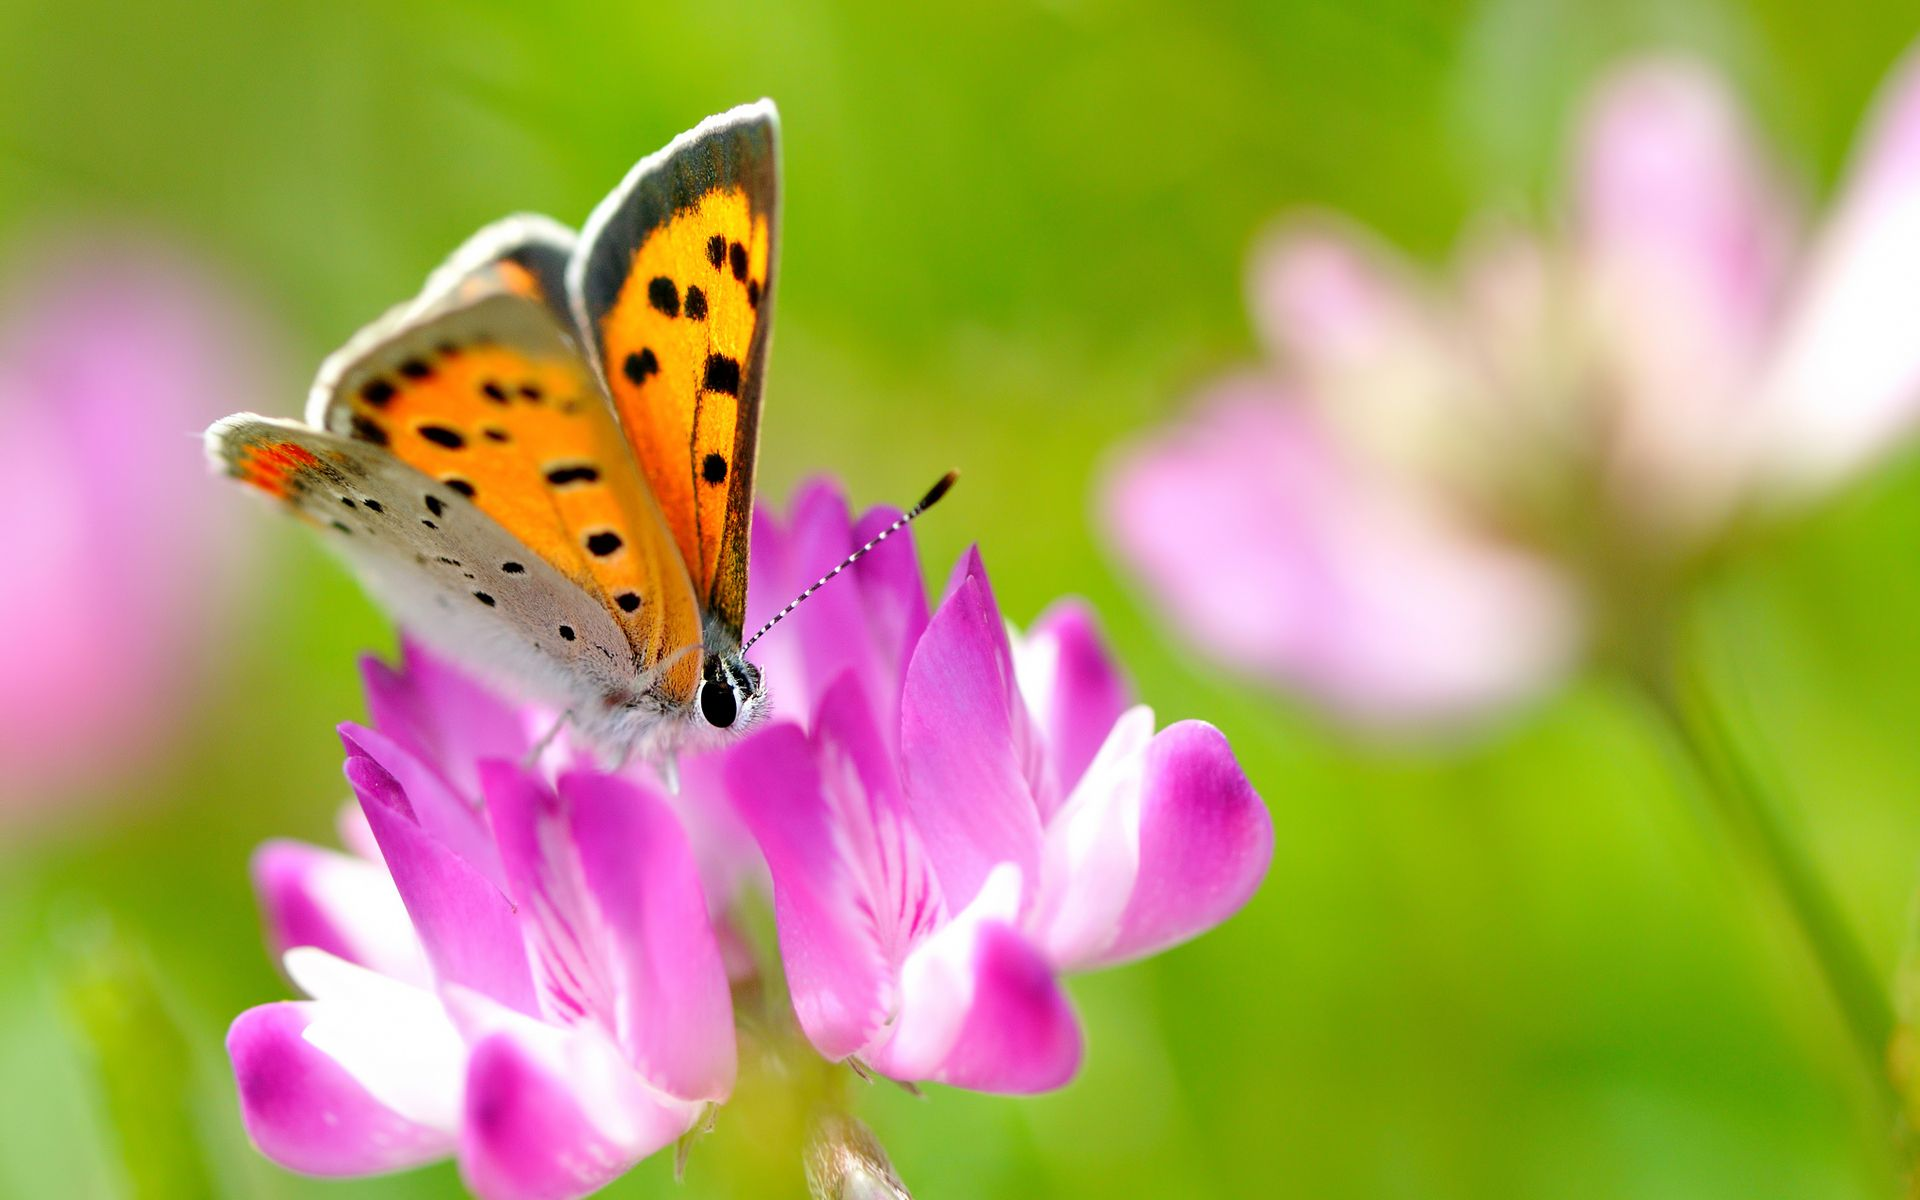 Beautiful Butterfly On Pink Flower Wallpapers - Free HD Wallpaper ...